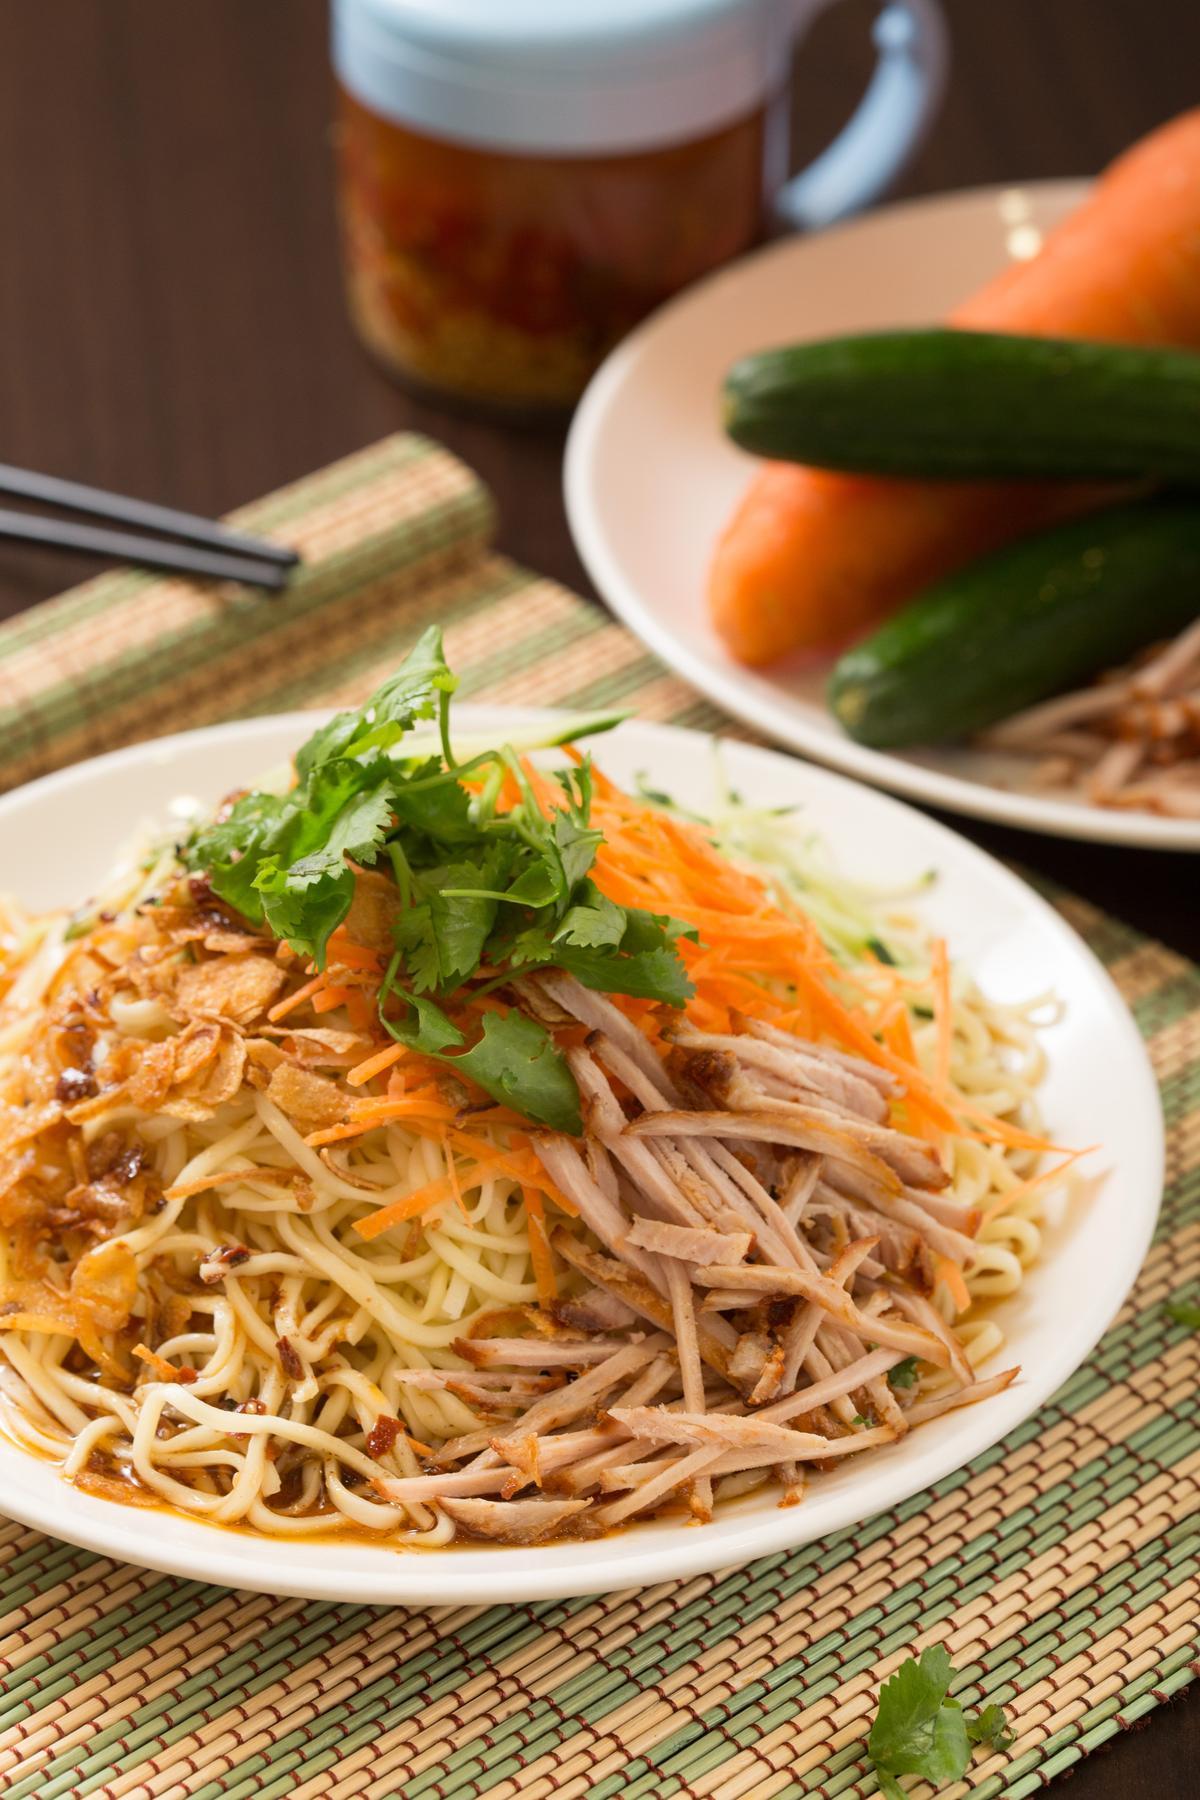 「雲南特製涼麵」的配料豐富,有黃瓜、紅蘿蔔、叉燒肉絲,搭配紅蔥頭酥和香菜提味,色、香、味俱全。(80元/份)